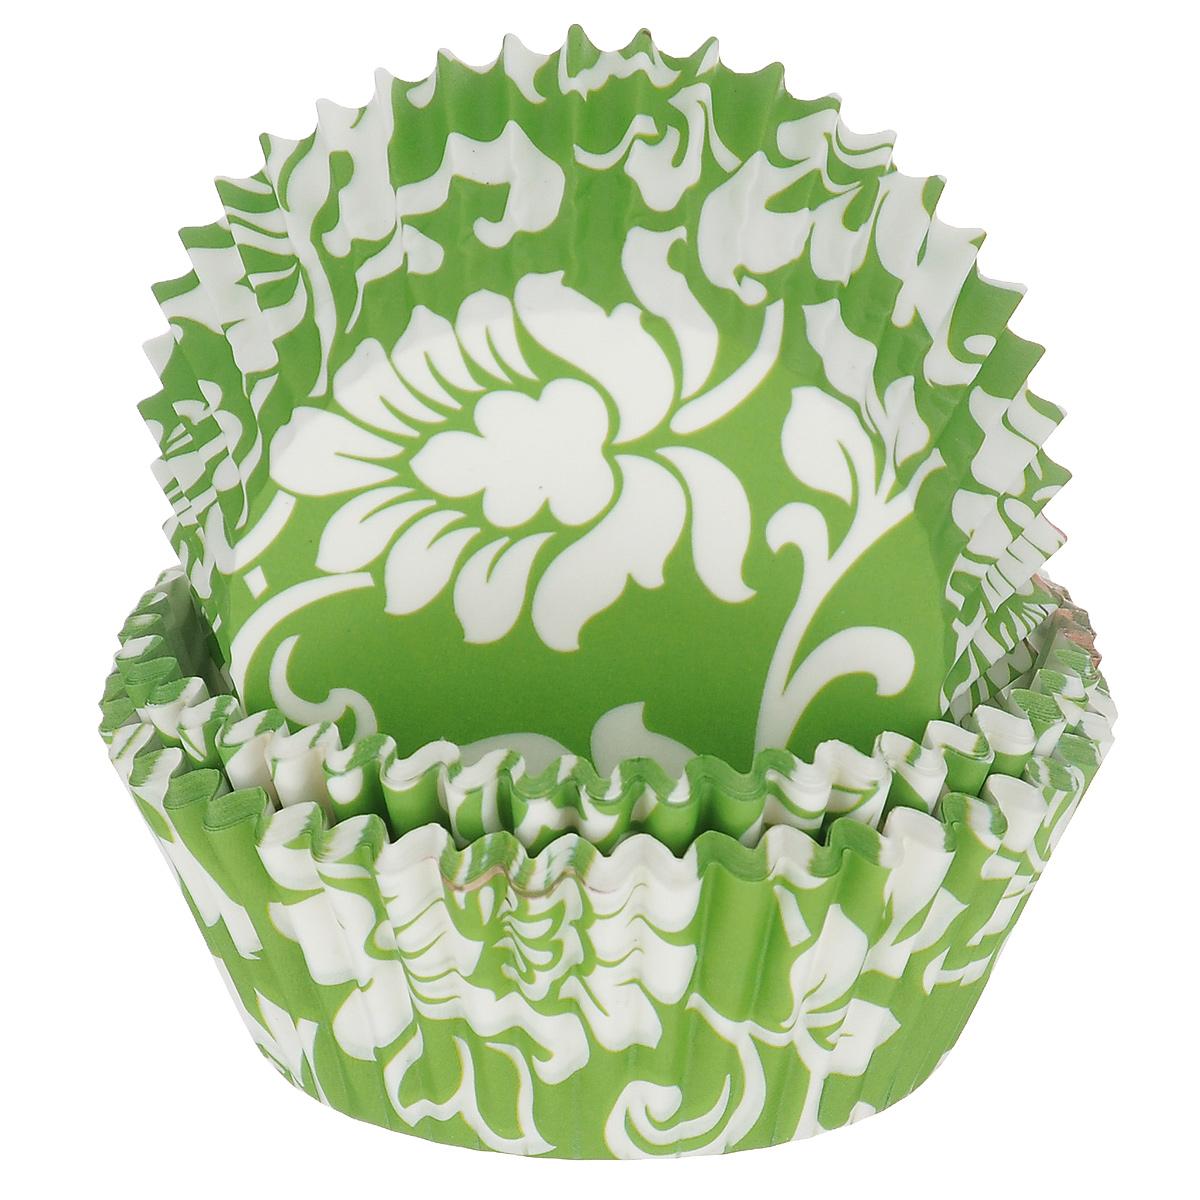 Набор бумажных форм для кексов Dolce Arti Цветочный узор, цвет: зеленый, белый, диаметр дна 5 см, 50 шт94672Набор Dolce Arti Цветочный узор состоит из 50 бумажных форм для кексов, оформленных цветочным узором. Они предназначены для выпечки и упаковки кондитерских изделий, также могут использоваться для сервировки орешков, конфет и много другого. Для одноразового применения. Гофрированные бумажные формы идеальны для выпечки кексов, булочек и пирожных.Высота стенки: 3 см. Диаметр по верхнему краю: 7 см.Диаметр дна: 5 см.